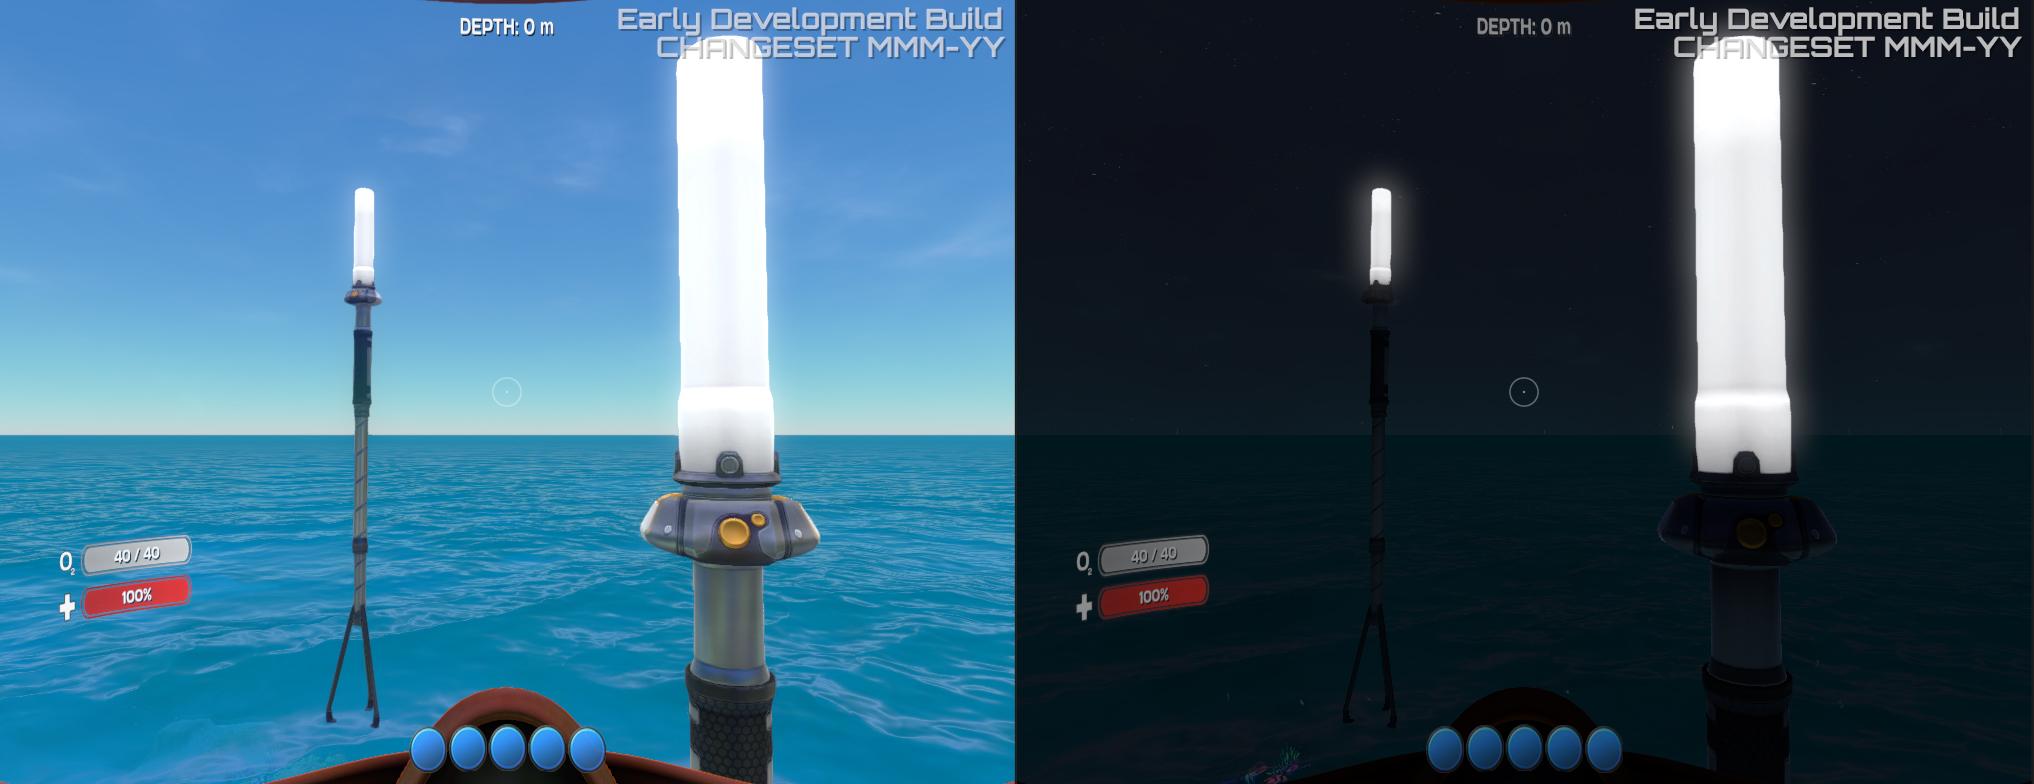 LED Light in game